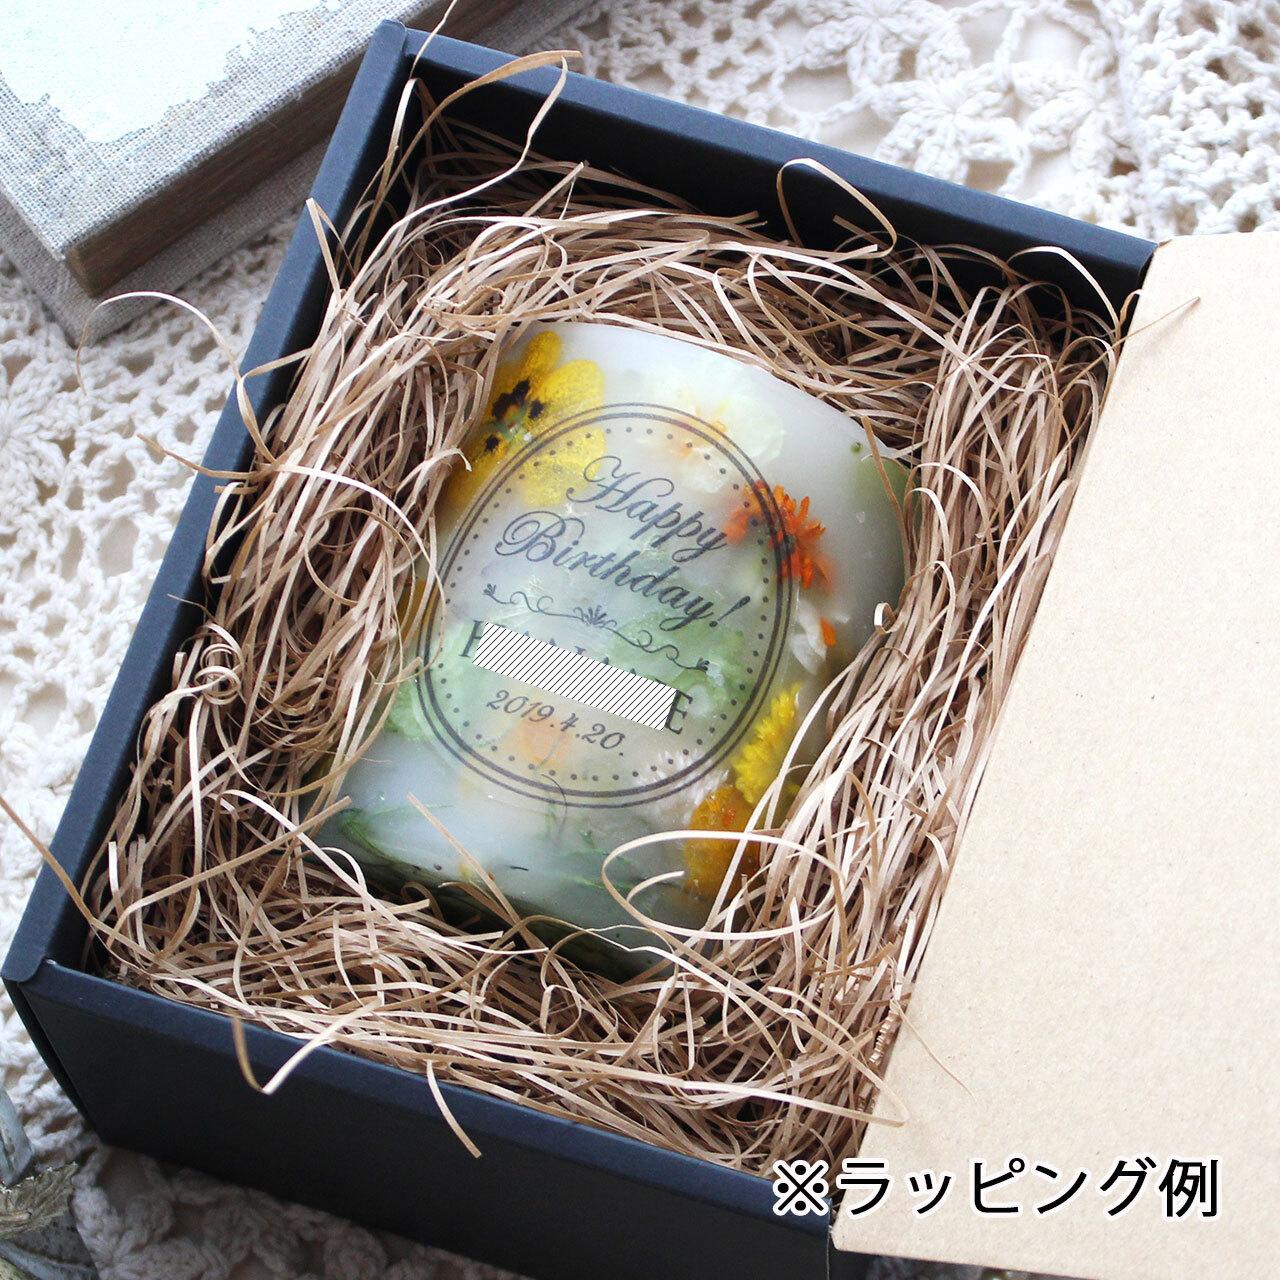 NC292 ギフトラッピング付き☆メッセージ&日付&名入れボタニカルキャンドル ガーデン